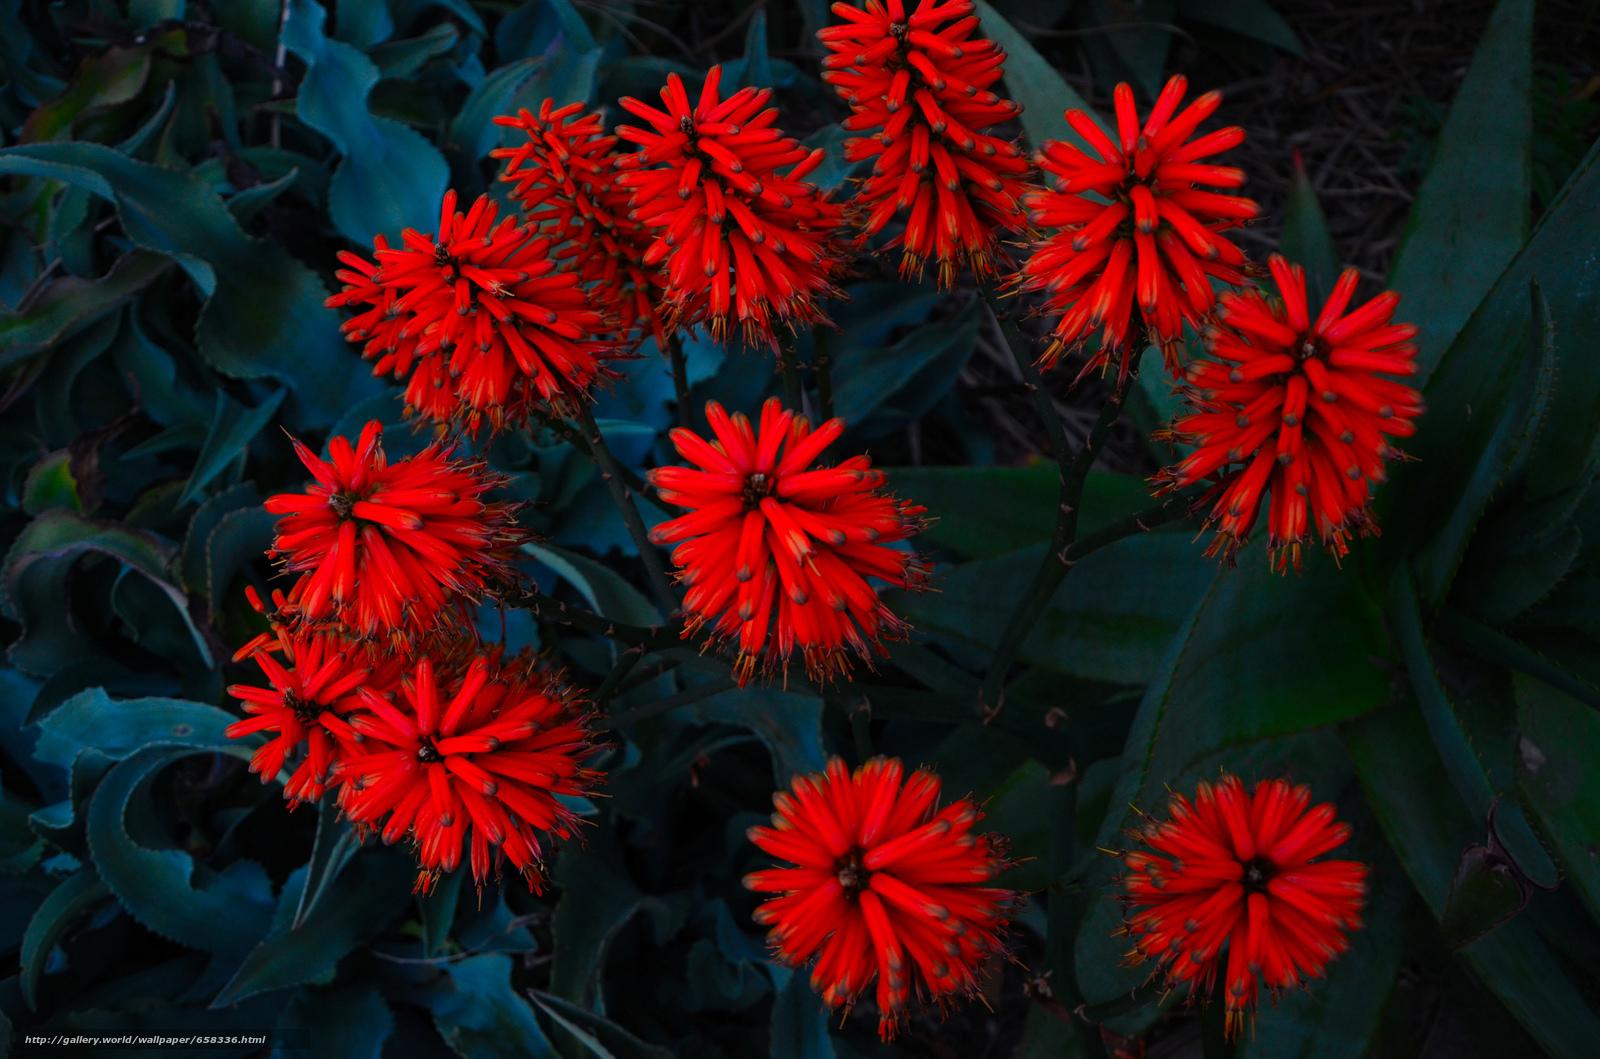 Tlcharger Fond d'ecran fleur,  Fleurs,  flore Fonds d'ecran gratuits pour votre rsolution du bureau 2048x1356 — image №658336